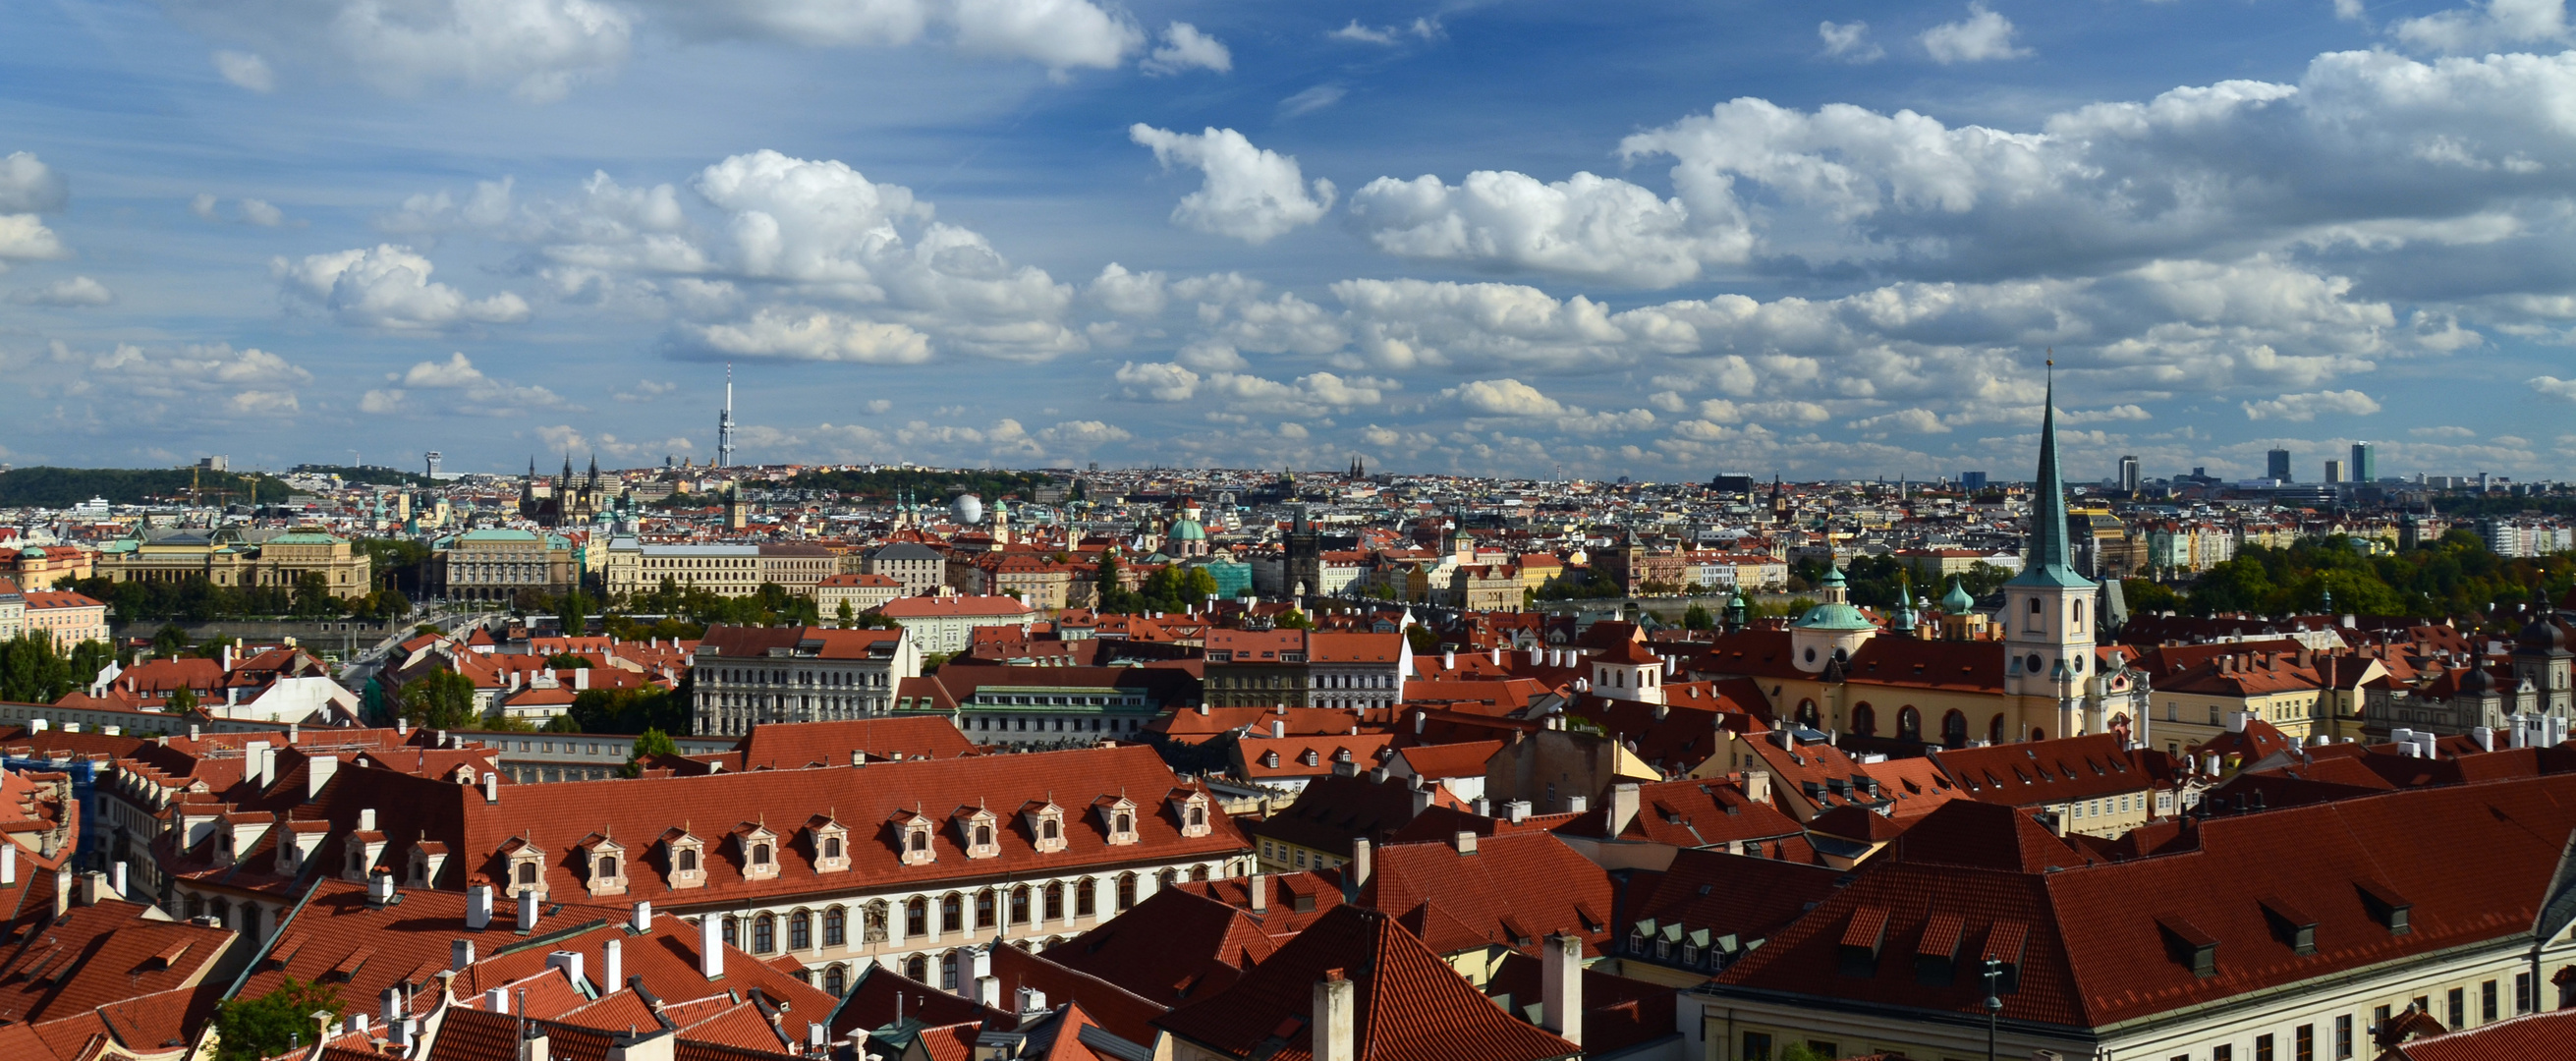 Prag von Palastgarten (Hradcany)